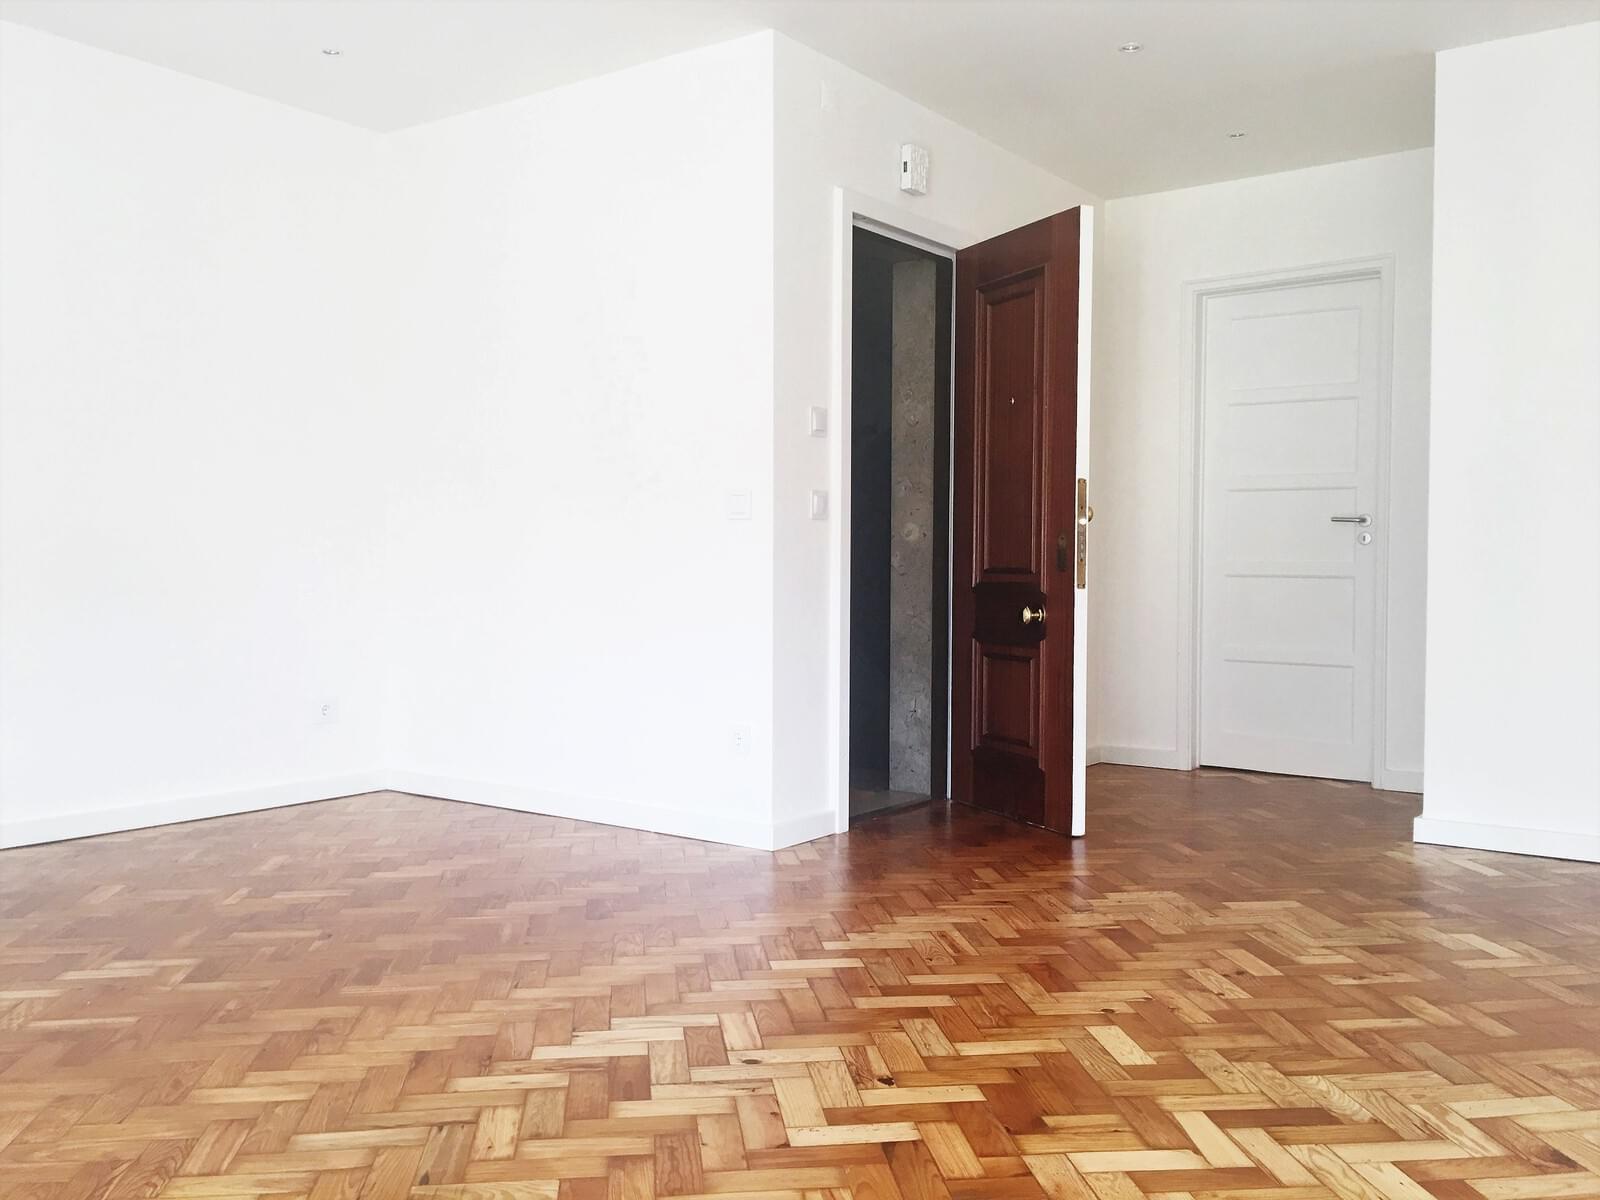 pf17642-apartamento-t3-lisboa-026e9dc7-1e87-47c1-a105-76fccea72444